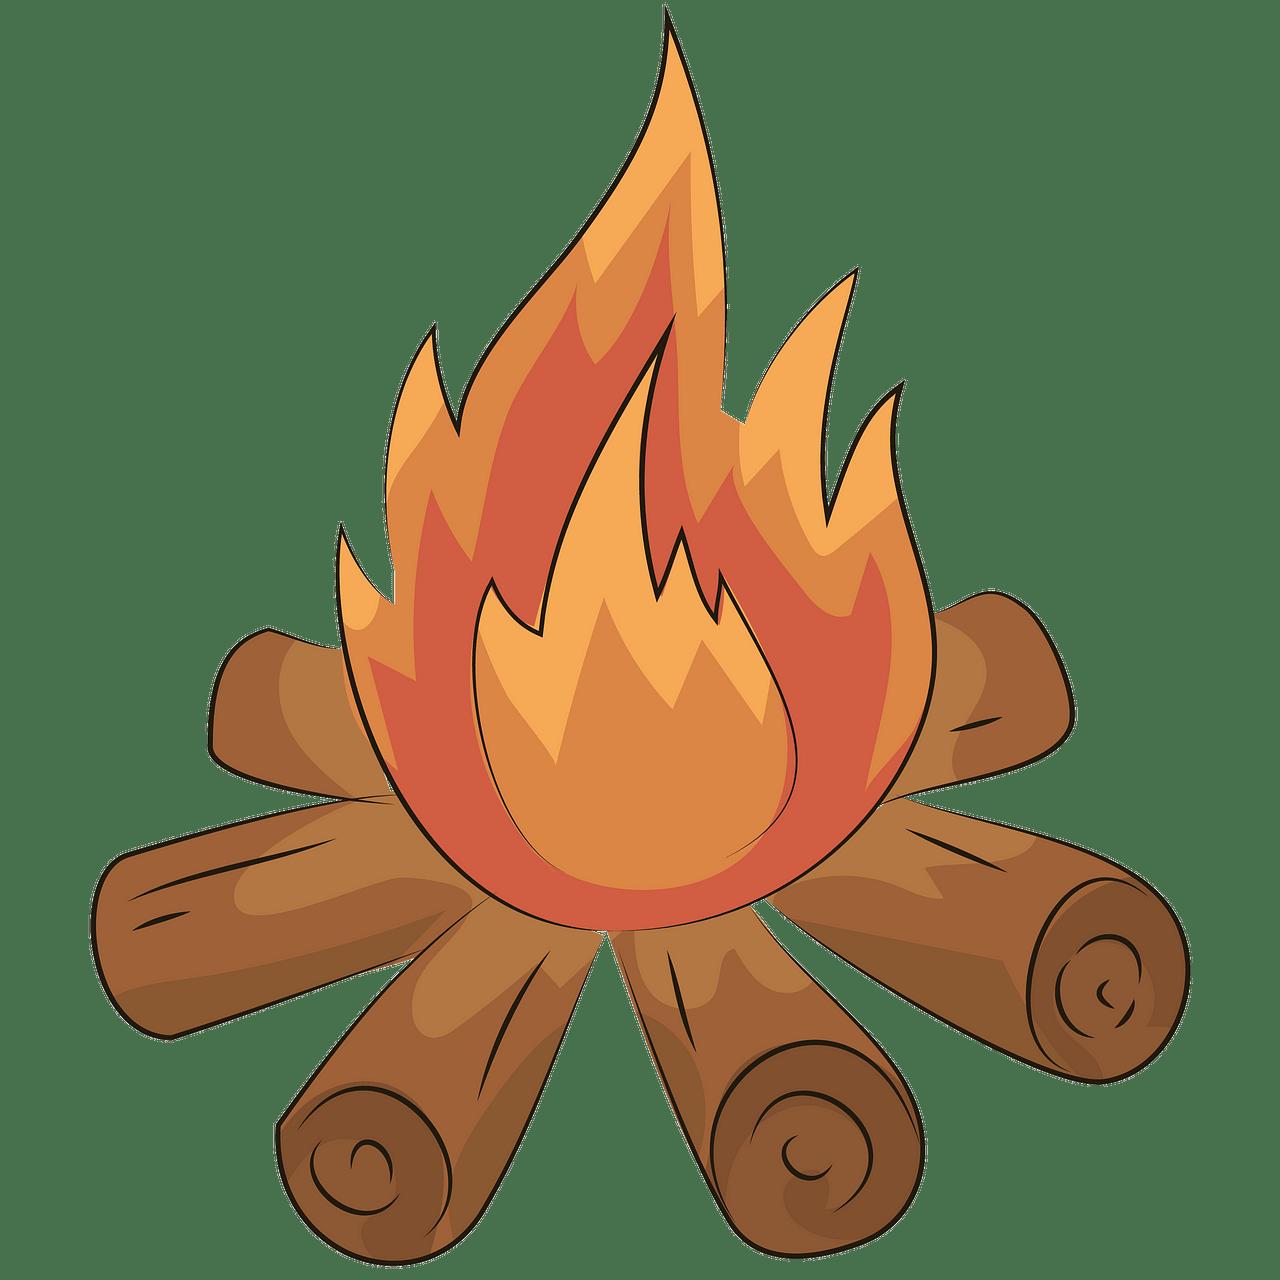 Bonfire clipart. Free download..